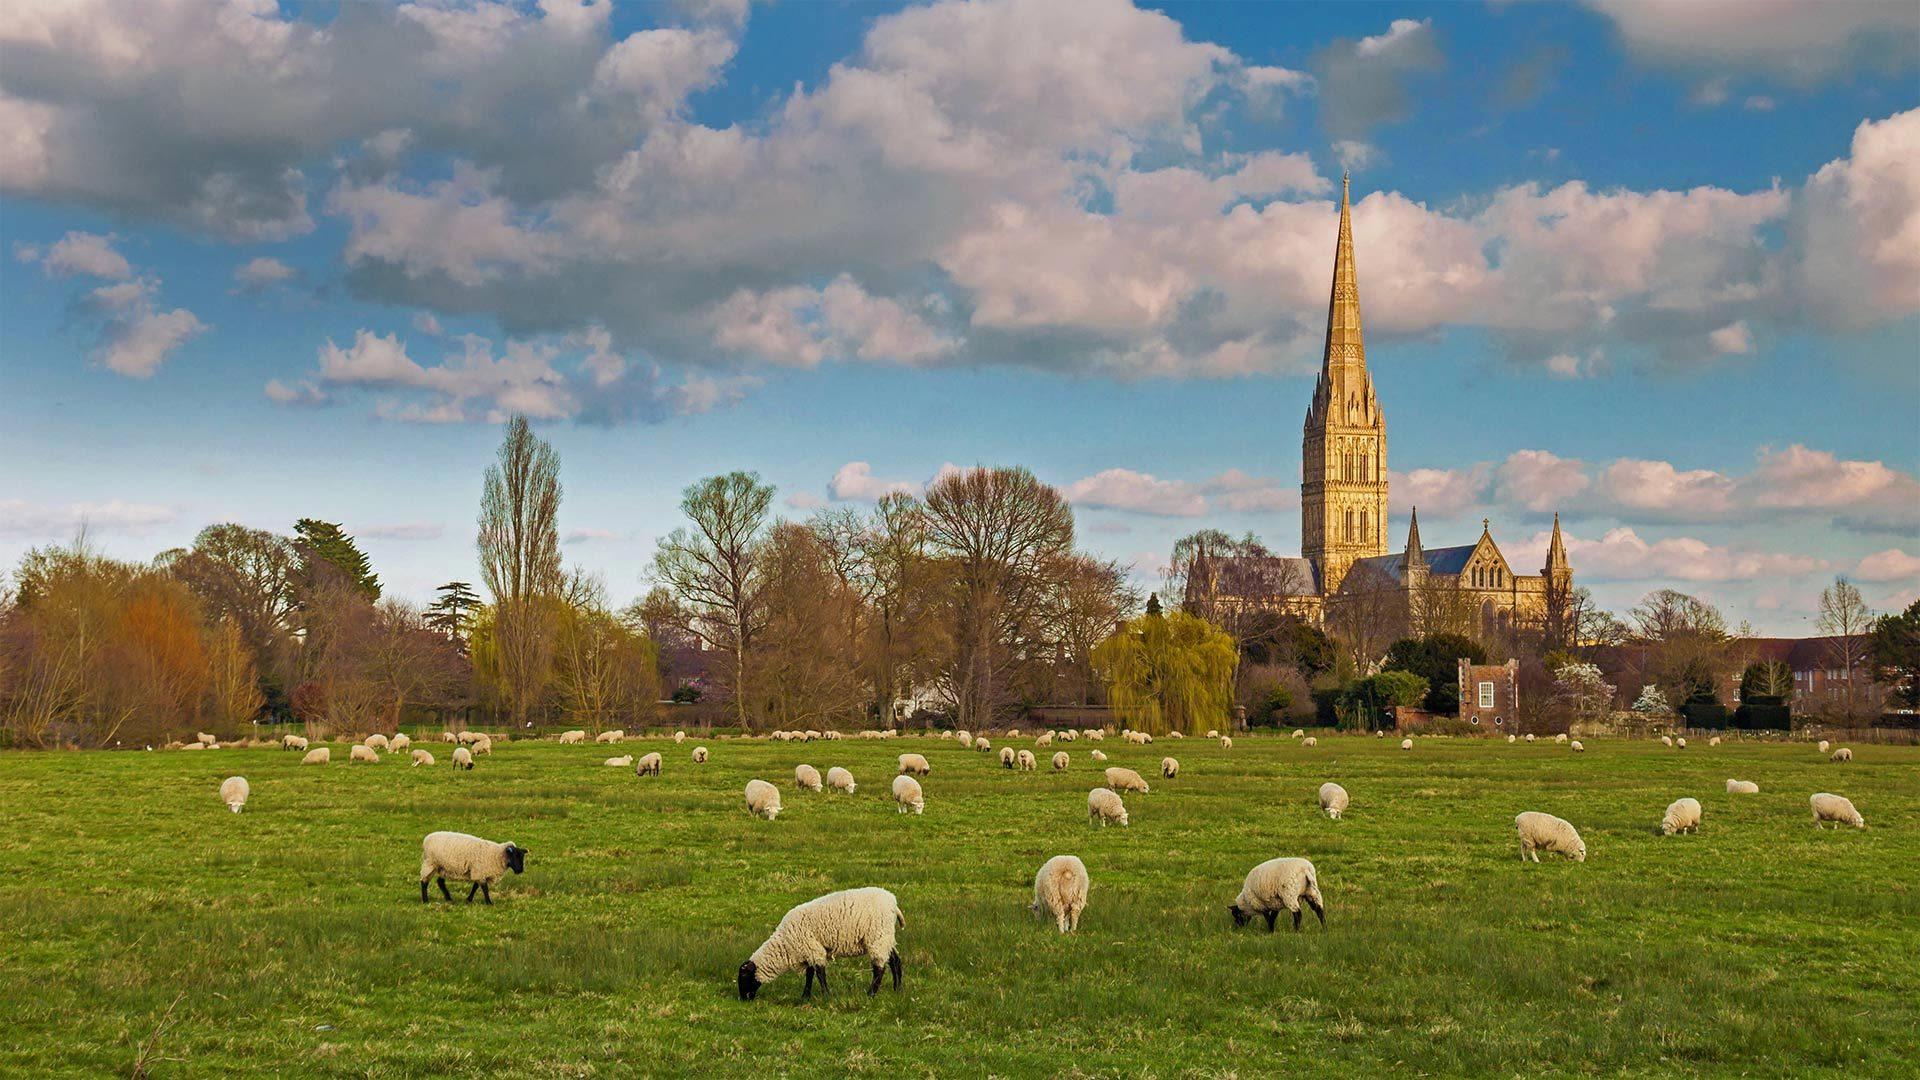 索尔茲伯里大教堂与放牧的羊群索尔茲伯里大教堂